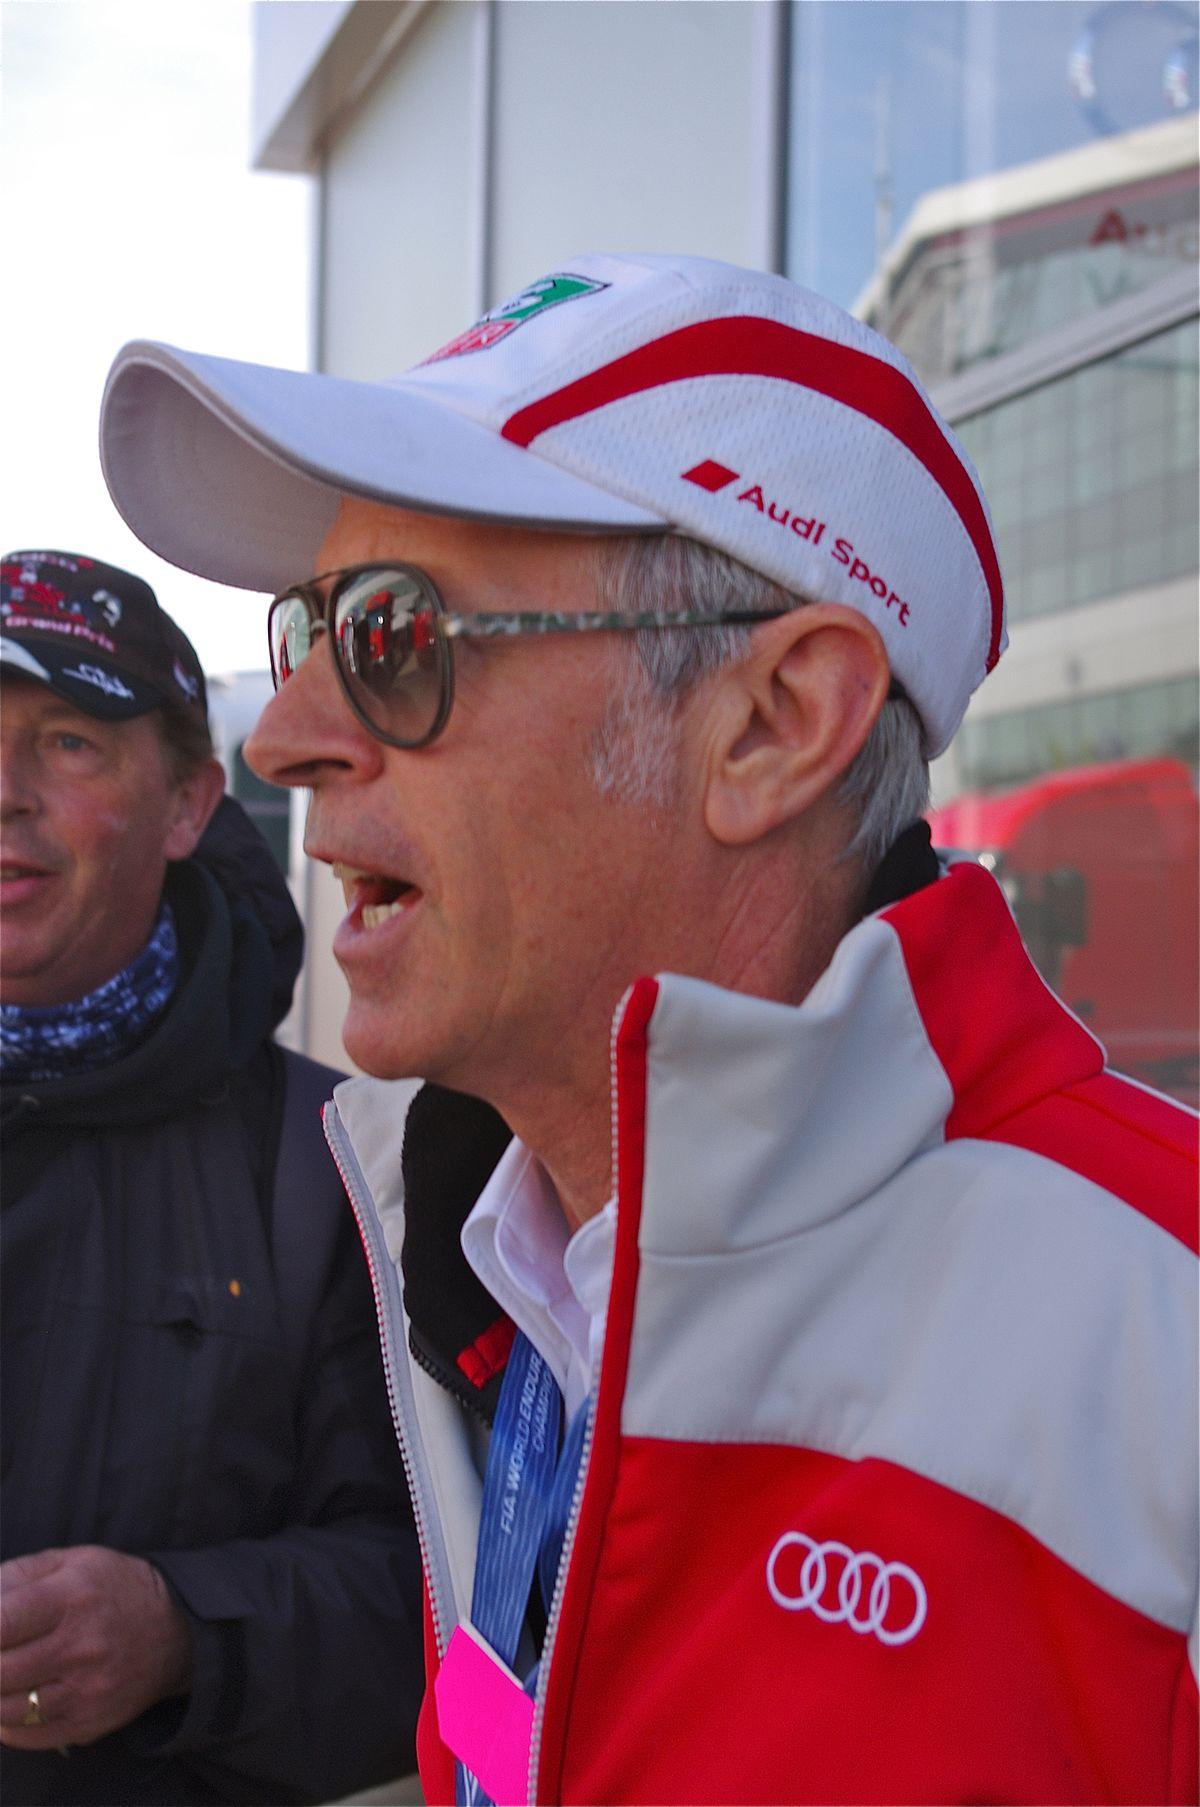 Rinaldo Capello – Wikipedia